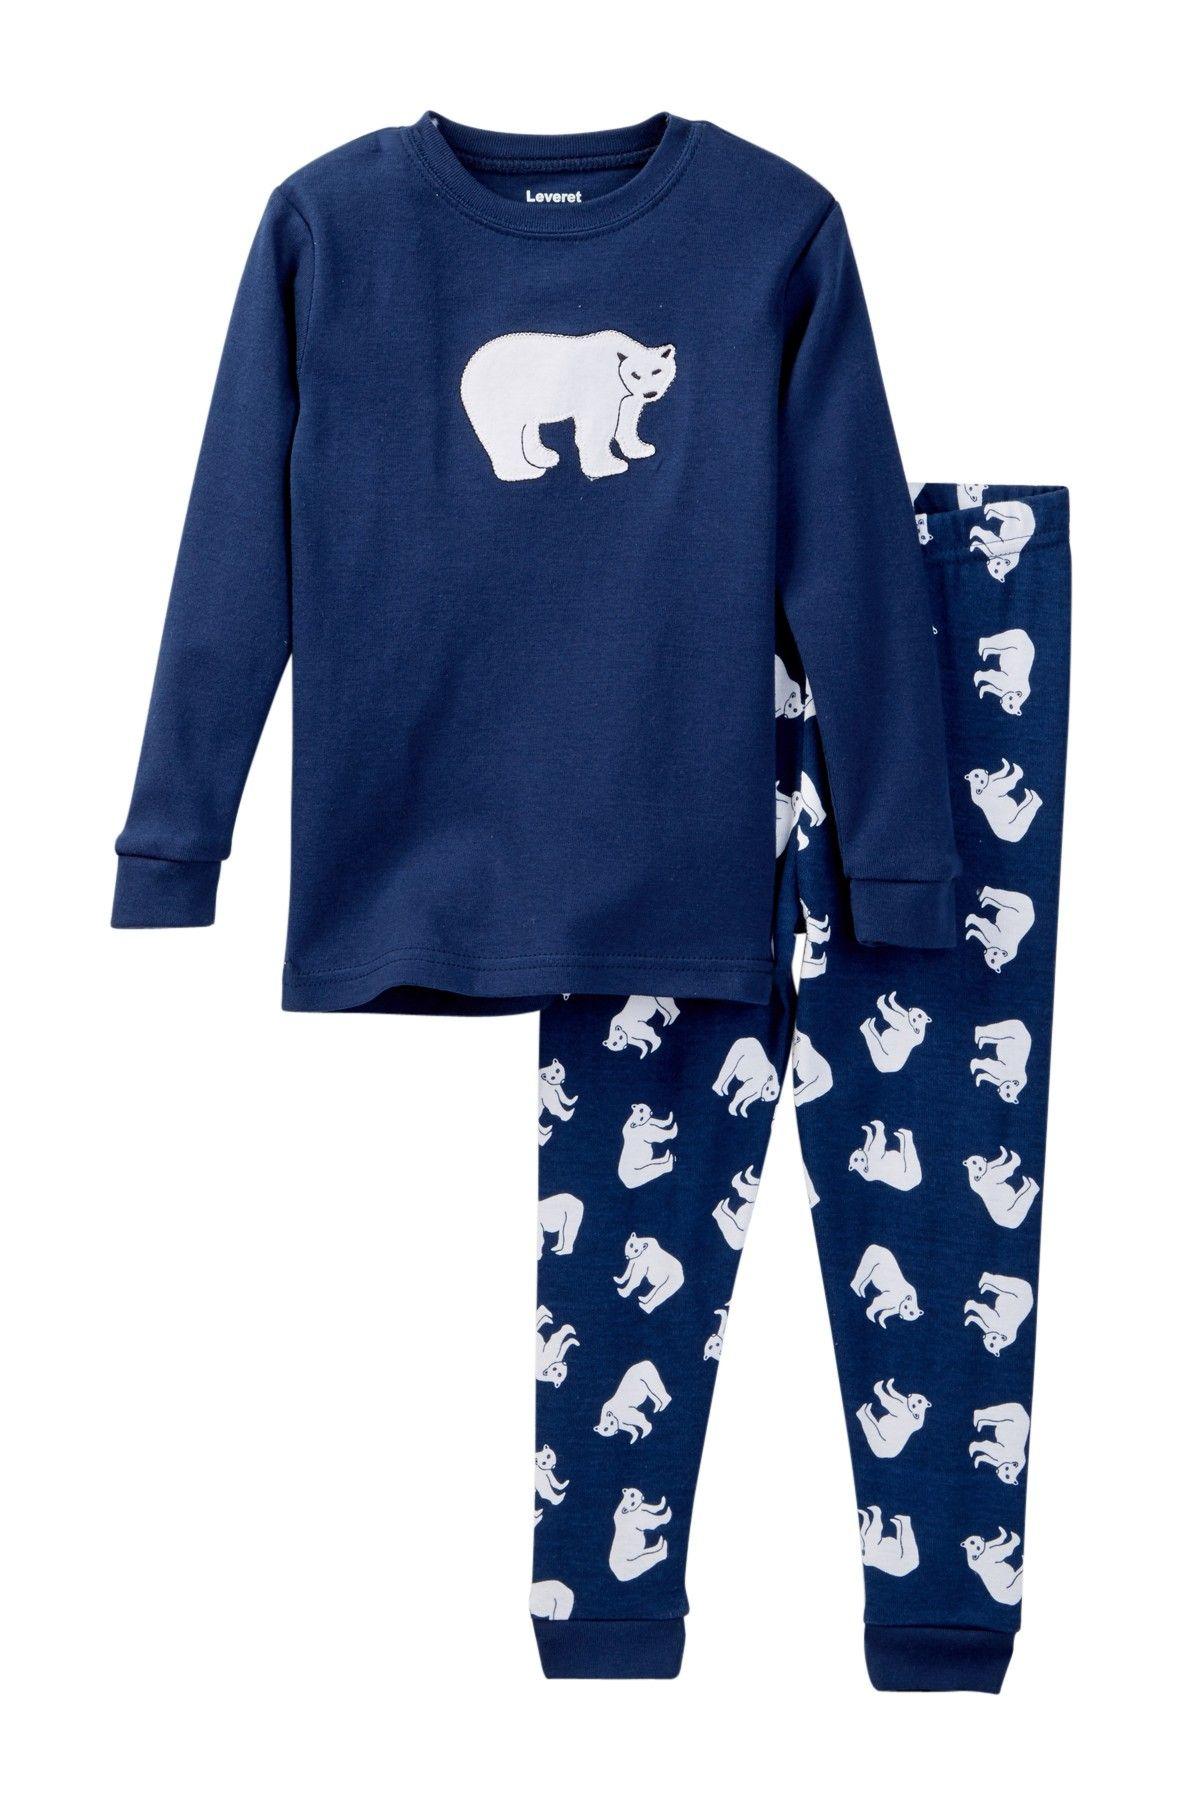 538141ee4 Pajamas Set (Toddler